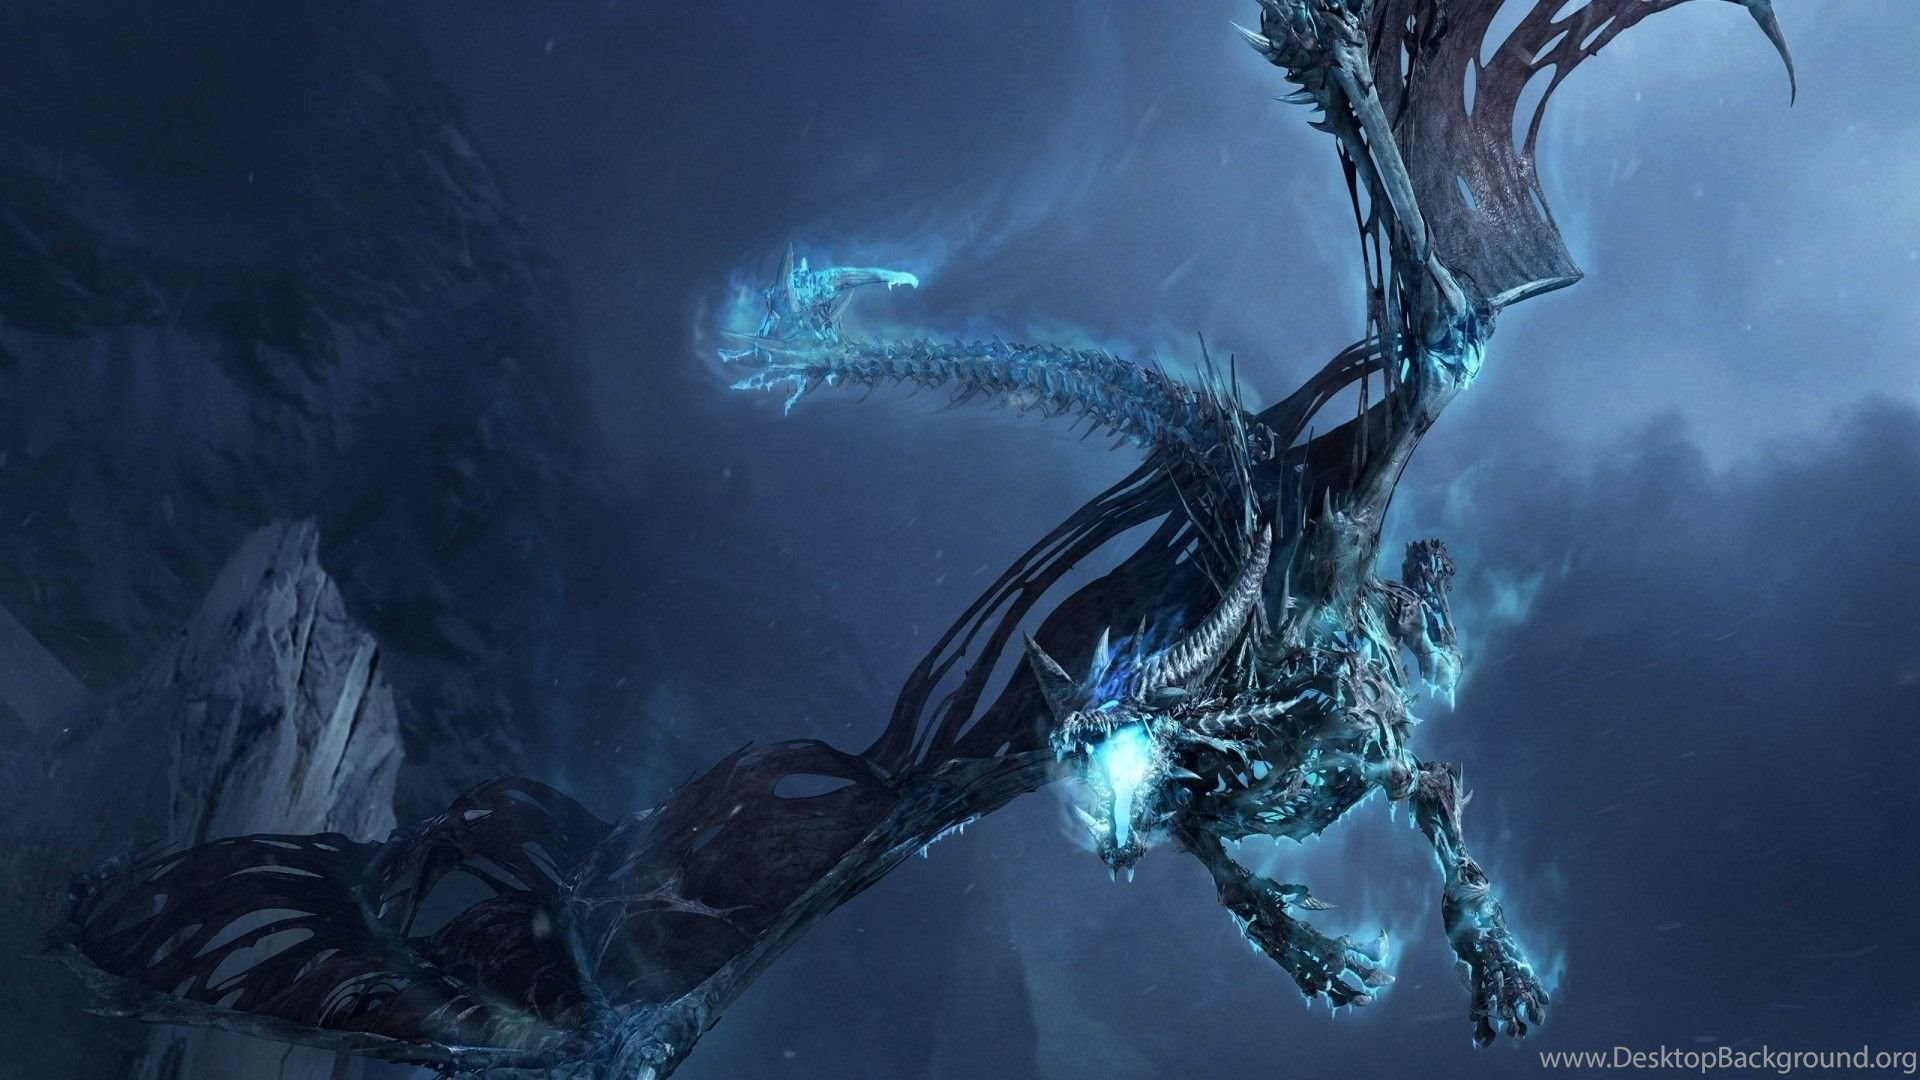 World Warcraft 3d Desktop Hd Wallpapers 1080x1920 1526887 Desktop